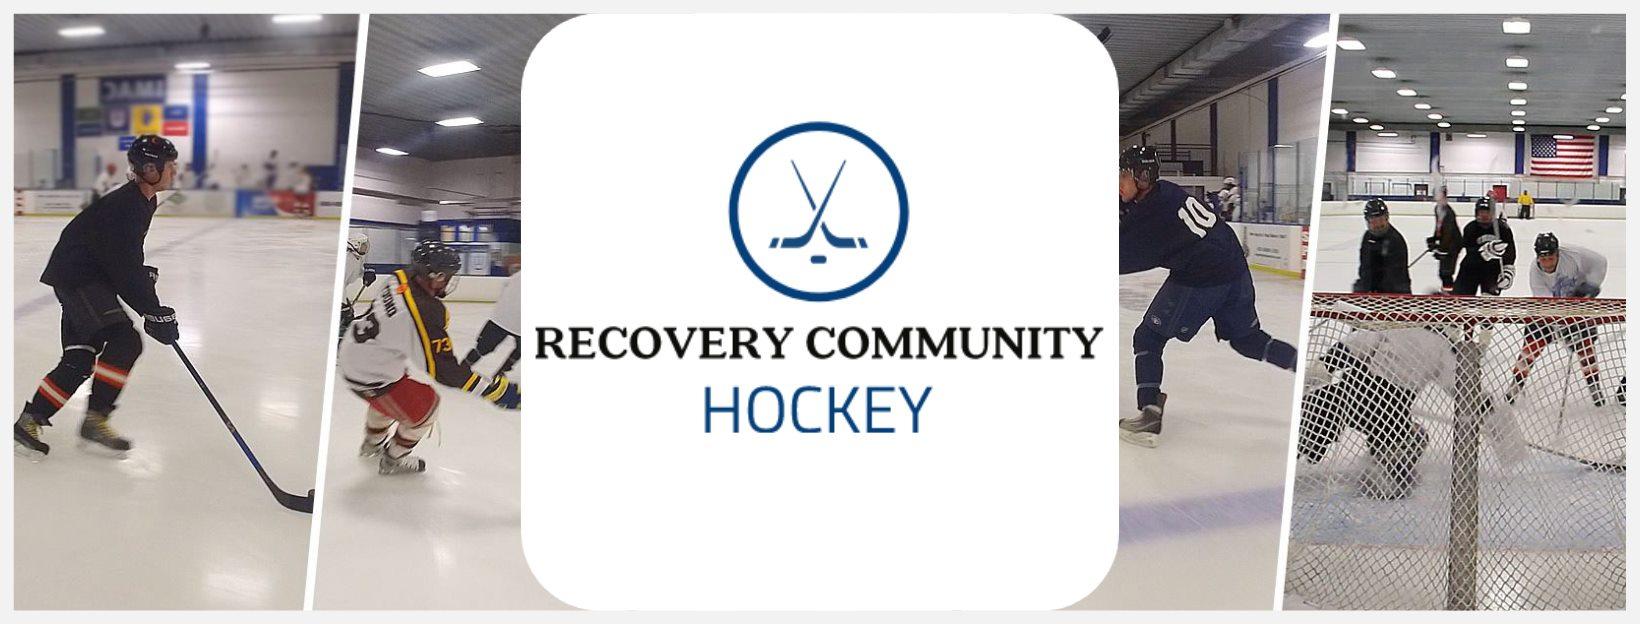 Recovery Community Hockey